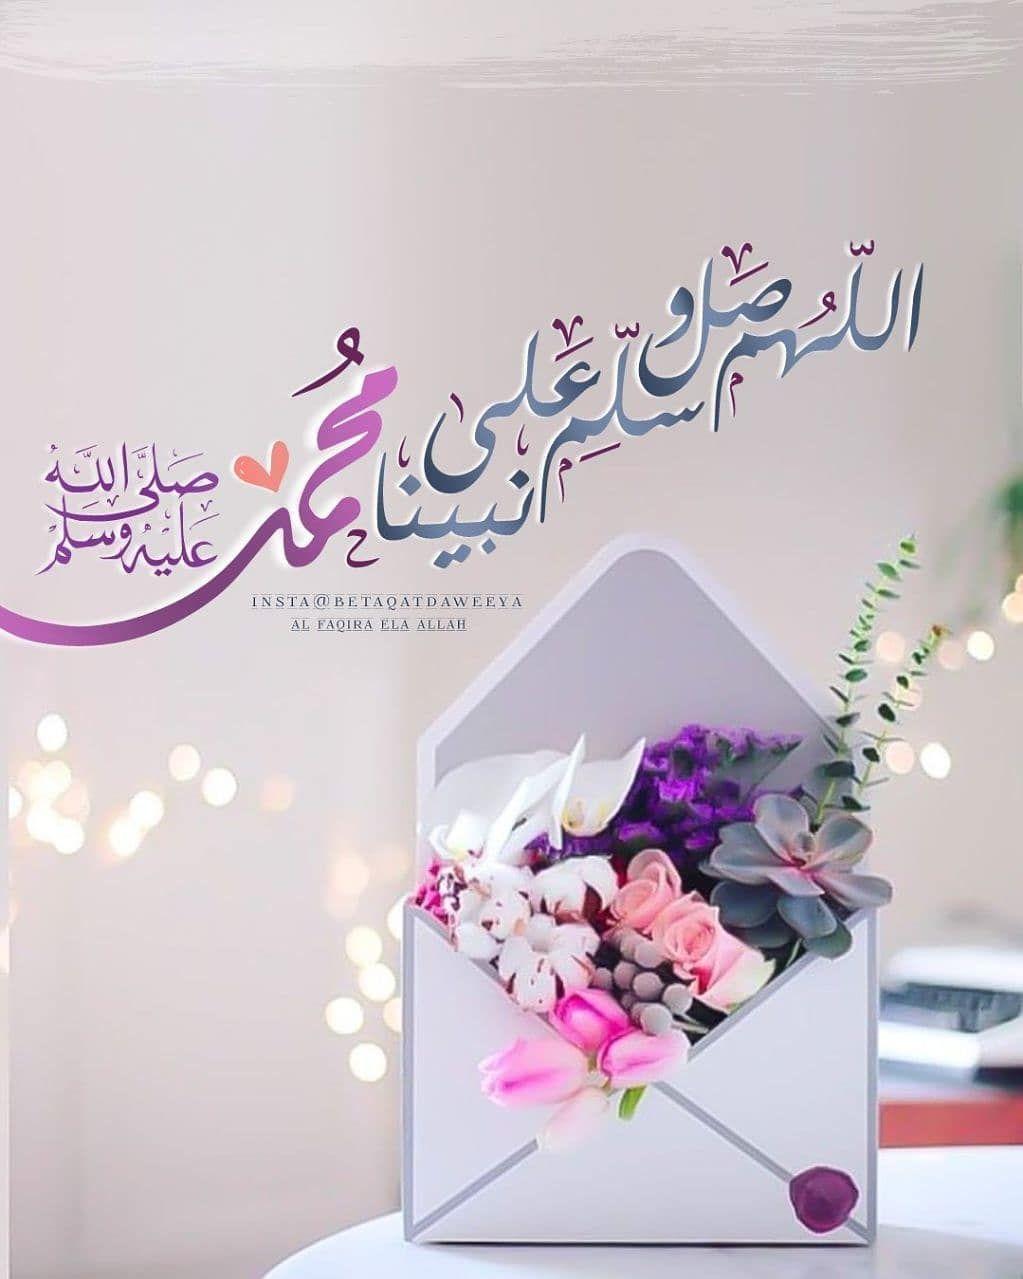 Pin By Shahzad Ahmad On اللهم صل على سيدنا محمد وعلى آله وصحبه وسلم Islamic Images Muslim Images Quran Quotes Love